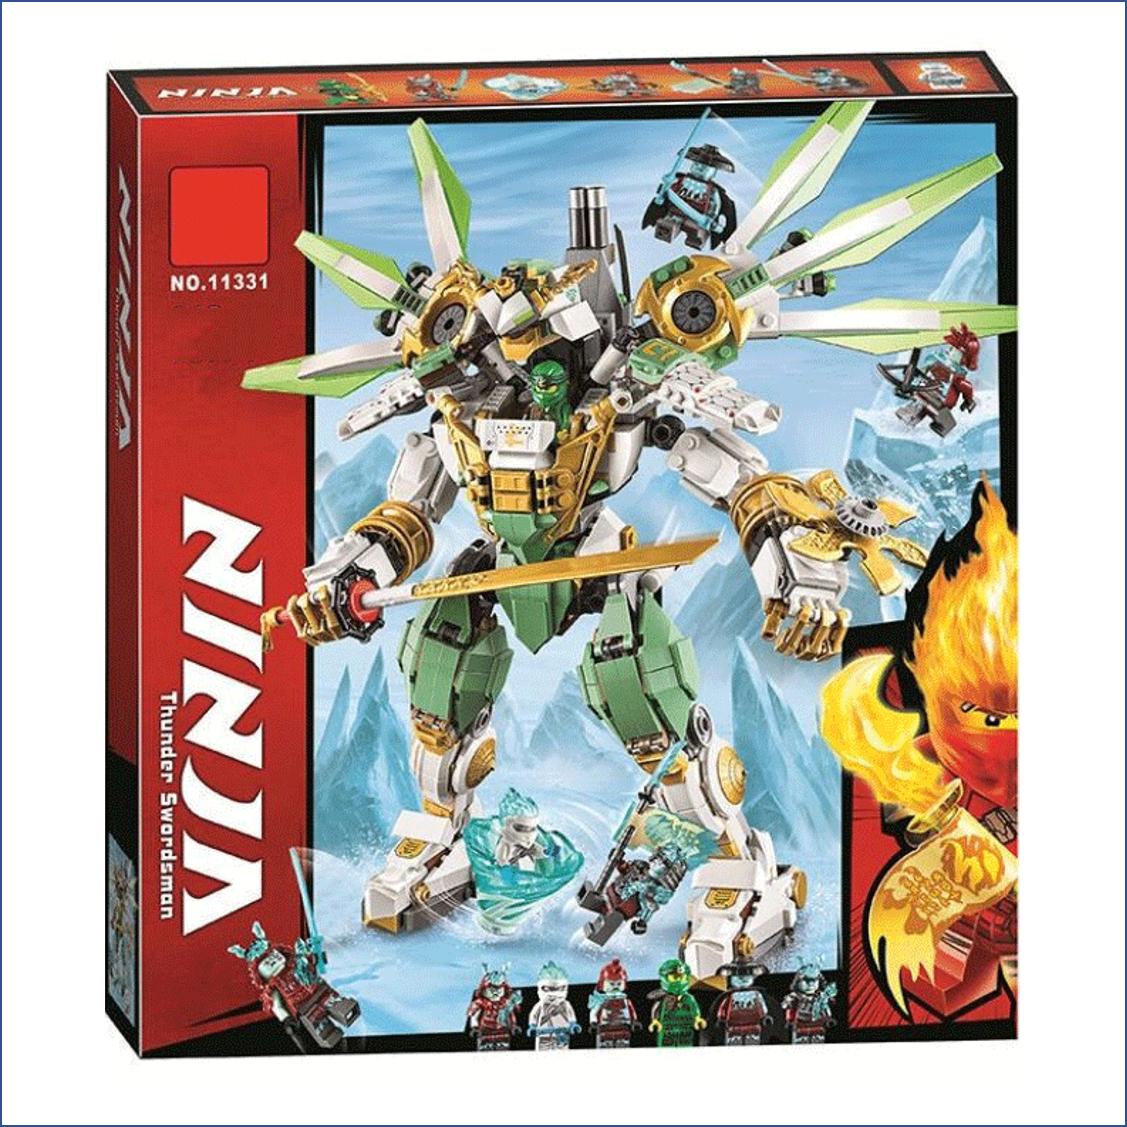 레고 닌자고 로이드의 타이탄 로봇 70676 호환블럭 레고호환블록, 닌자고 로이드의 타이탄로봇 중국블럭